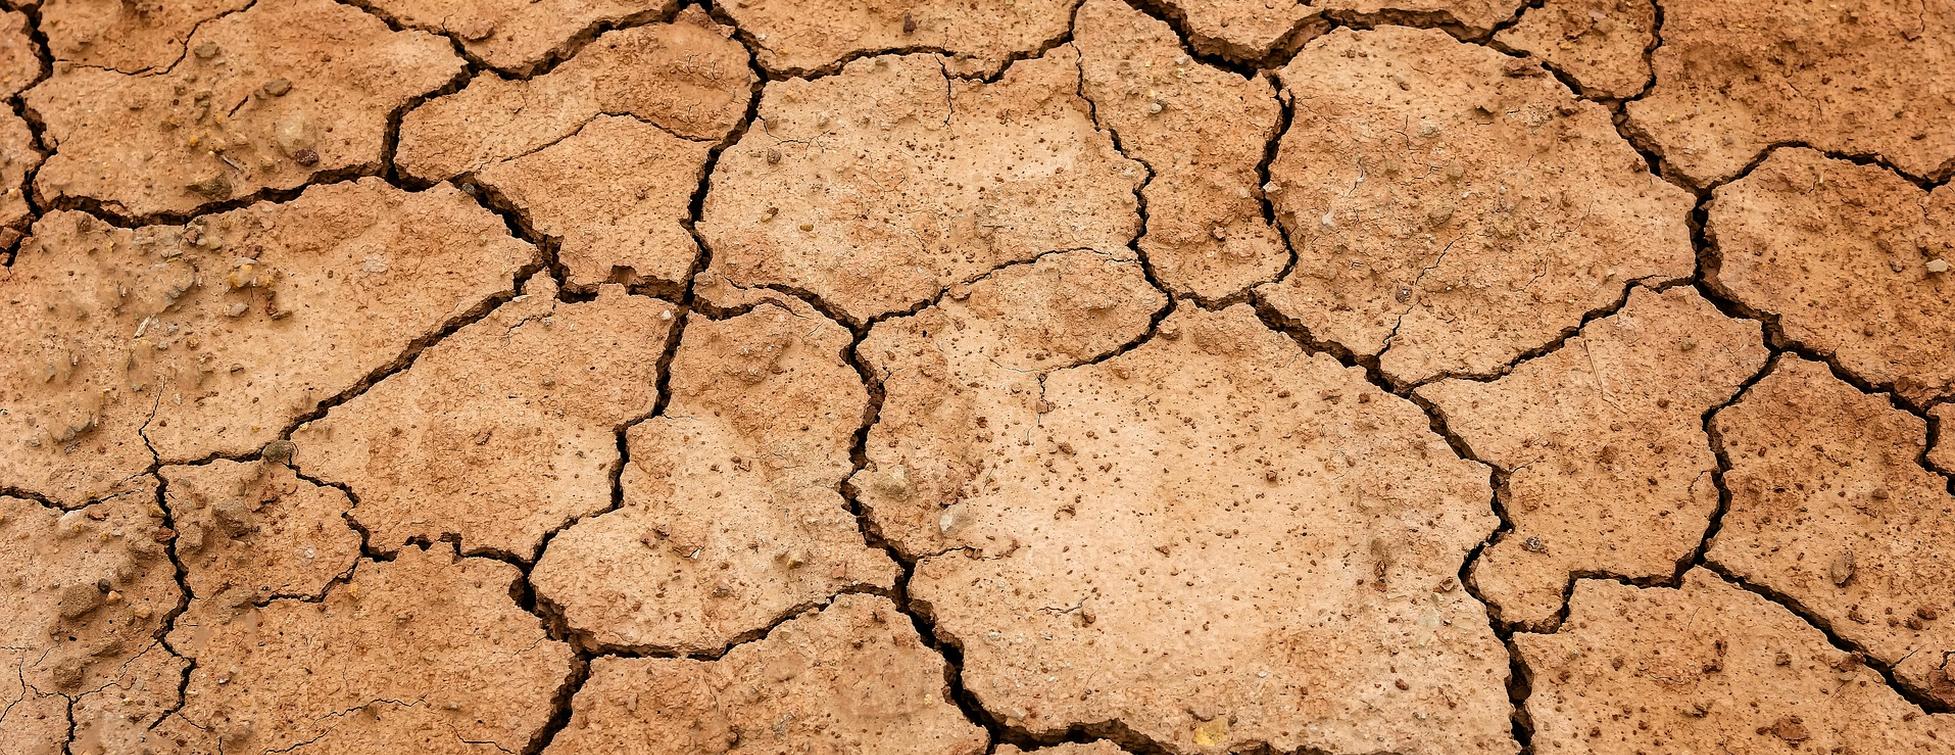 Sécheresse: catastrophe naturelle